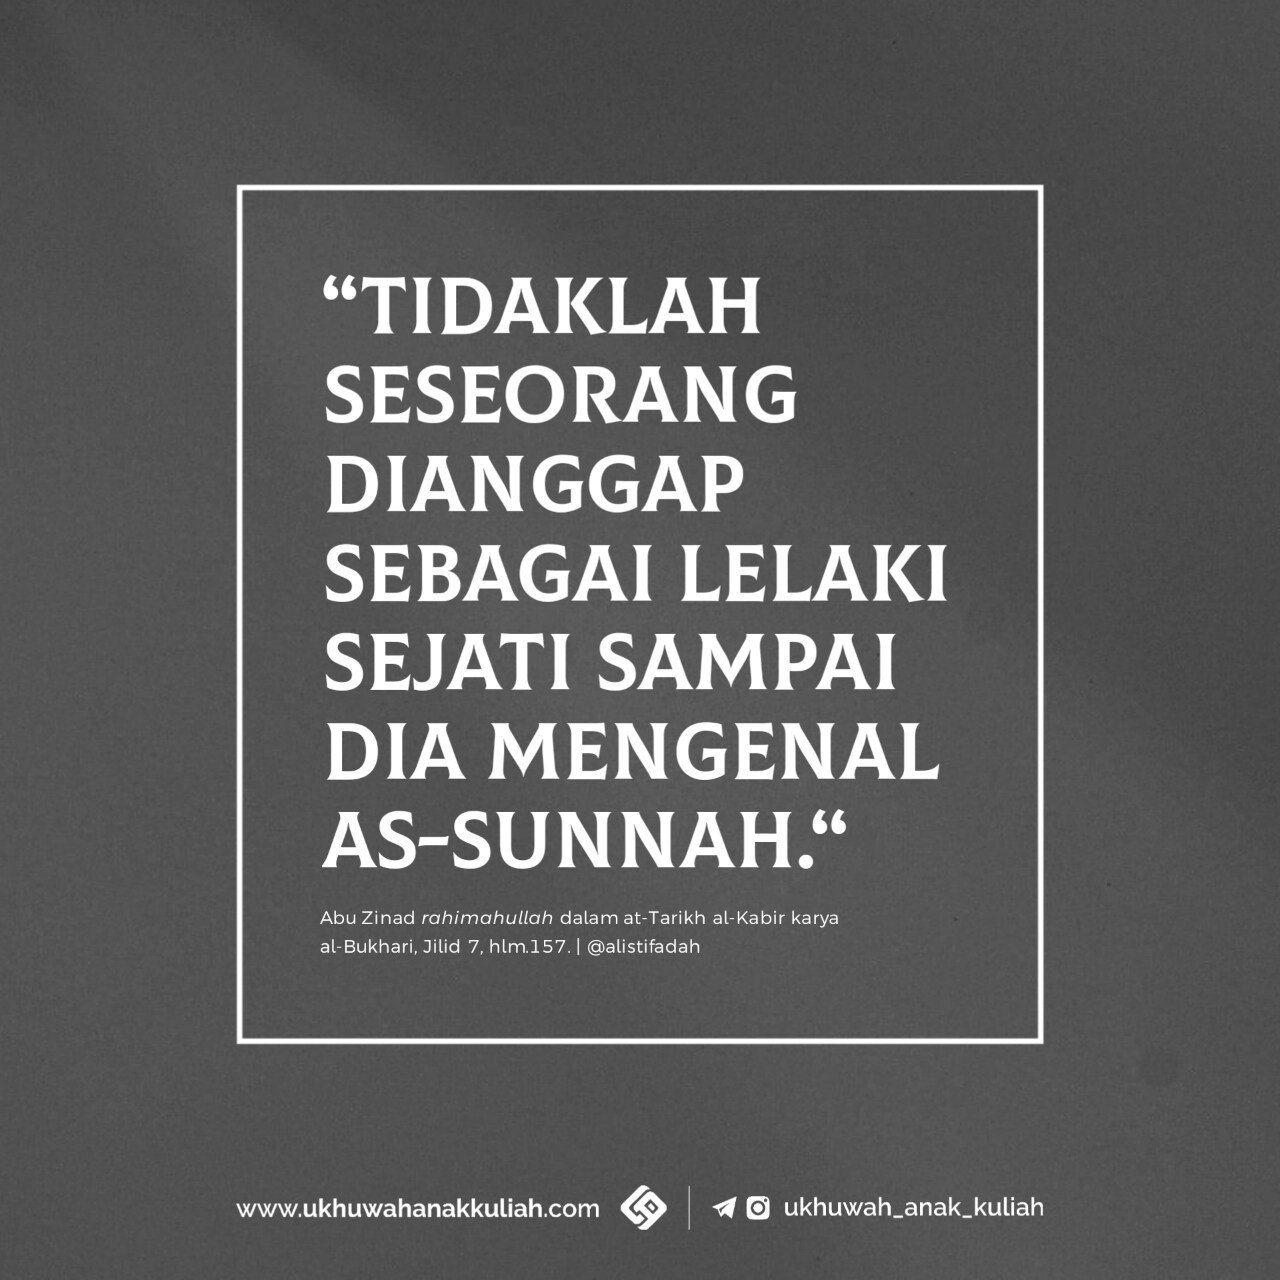 Tidaklah seseorang dianggap sebagai lelaki sejati sampai dia mengenal as-sunnah